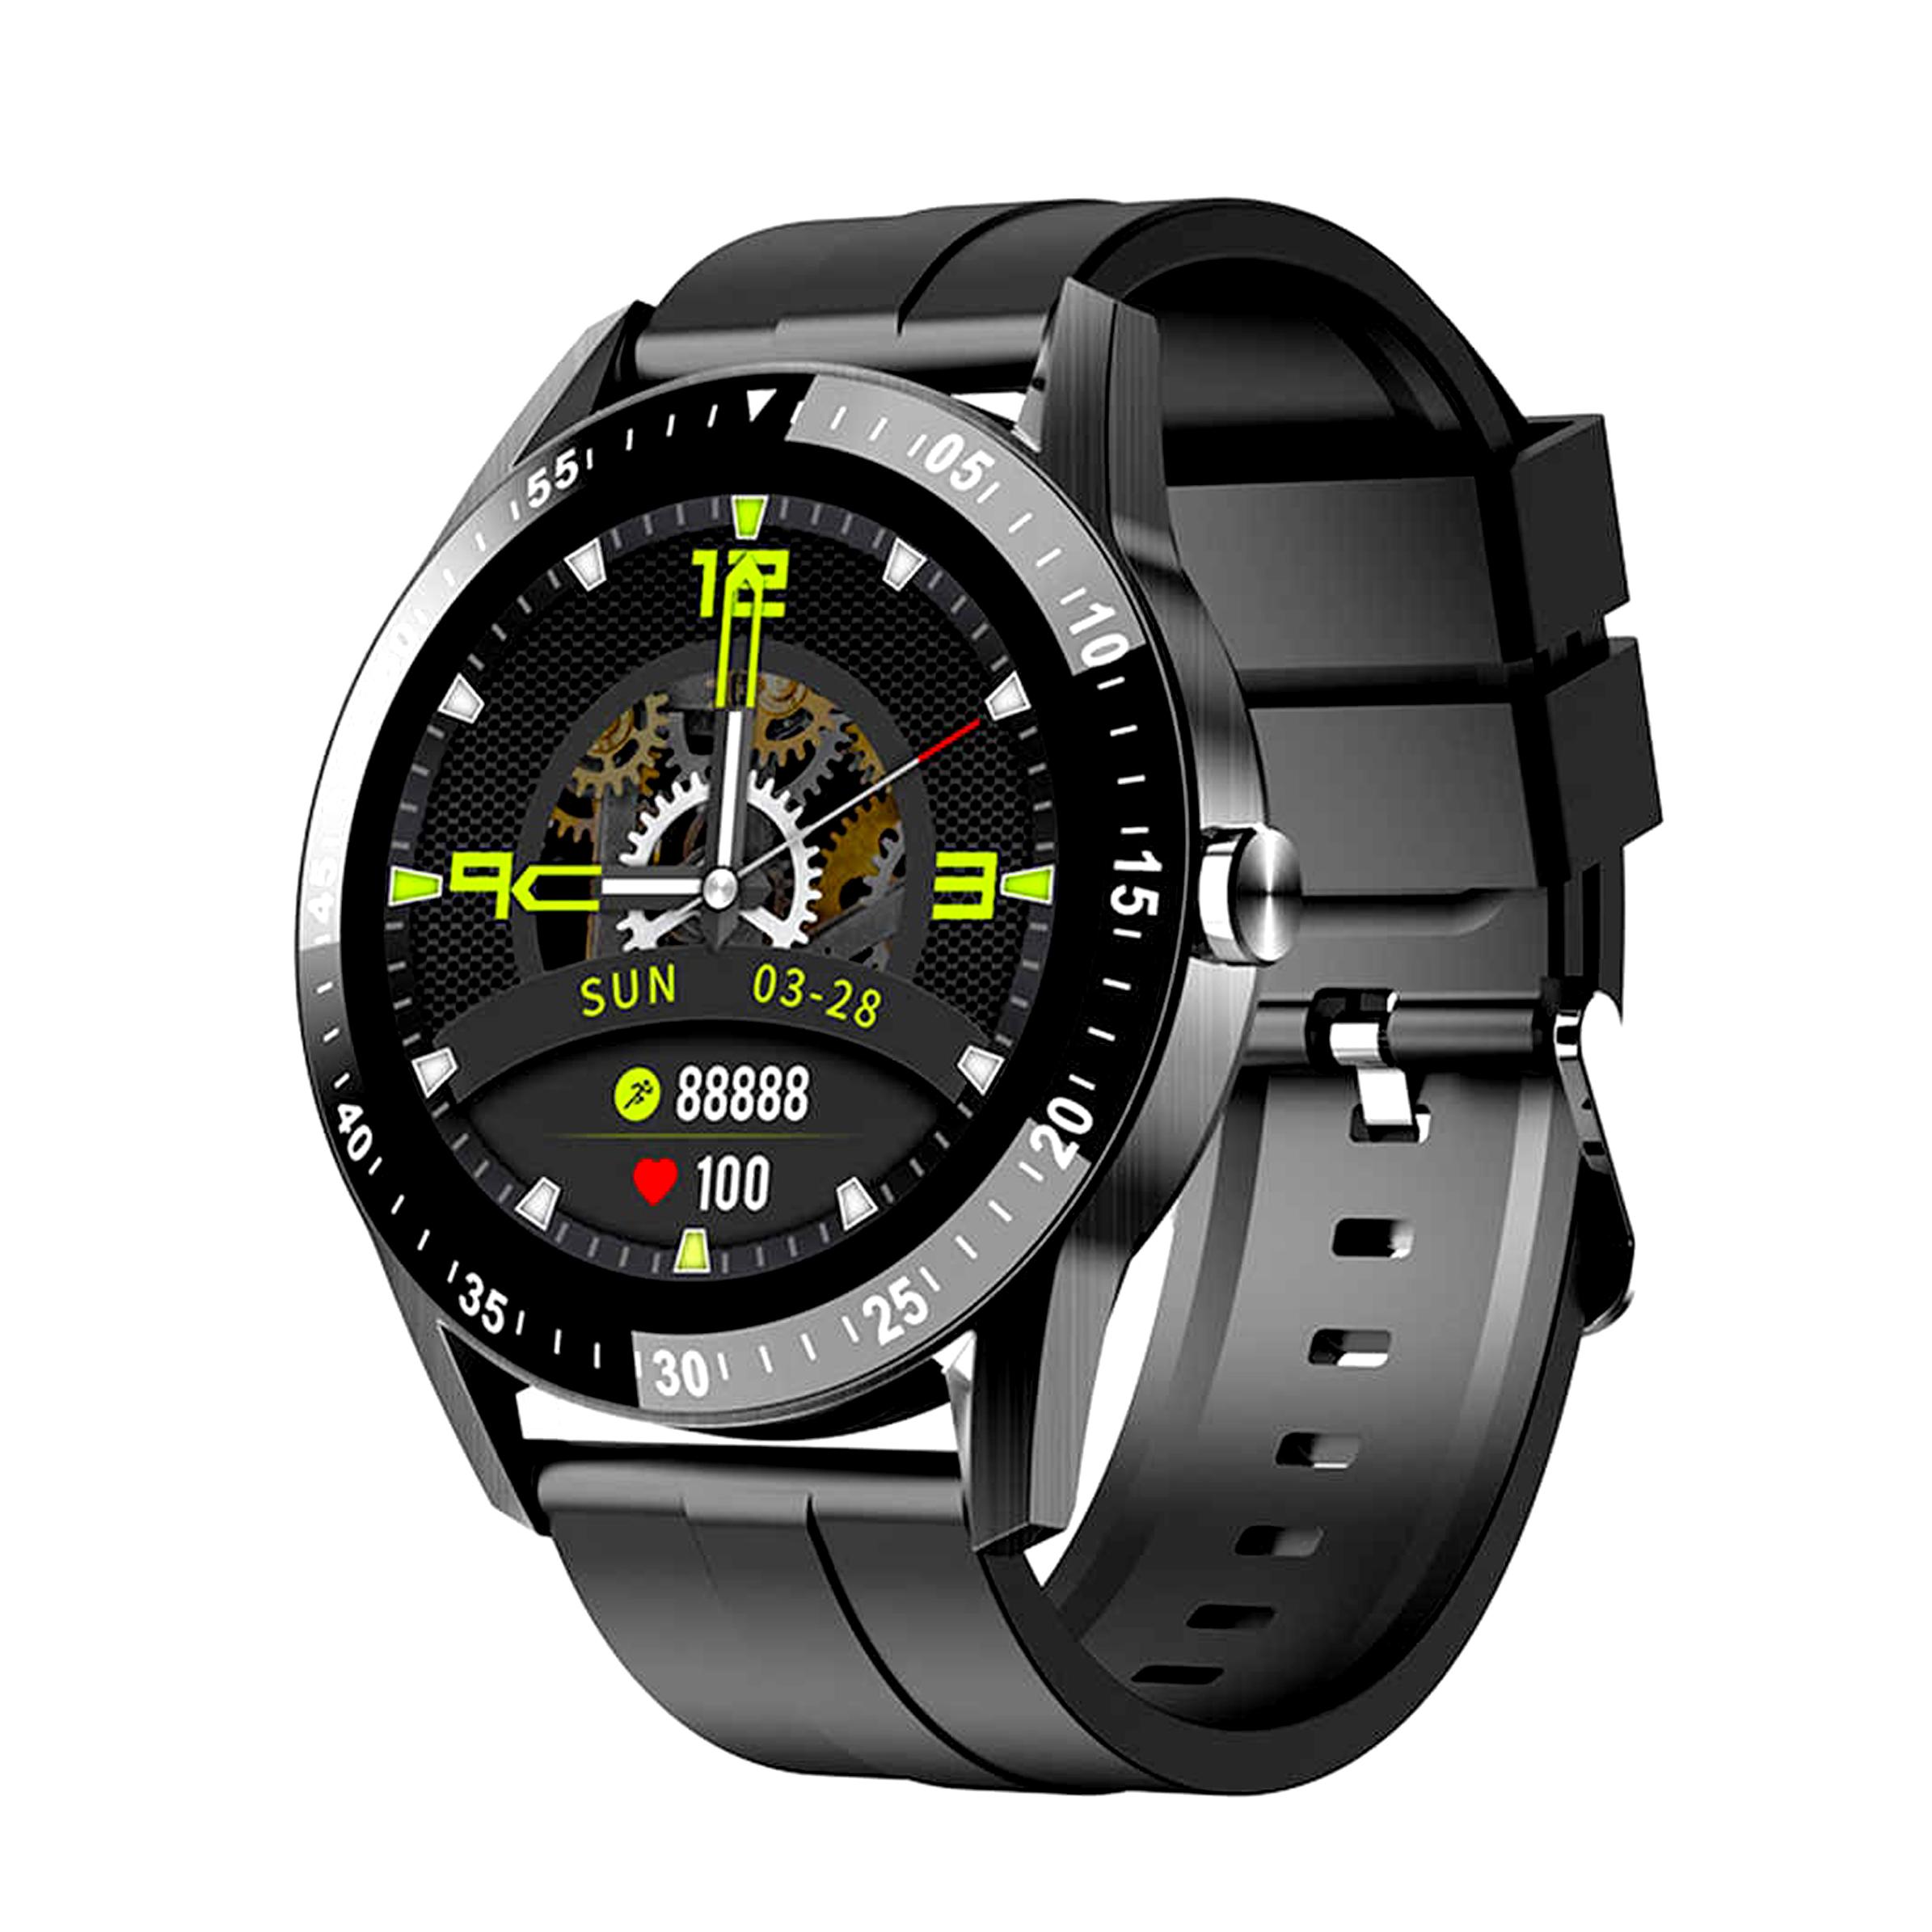 Đồng Hồ Thông Minh Chống Nước AMA Watch S1 | Nam Nữ | Kết nối Bluetooth gọi Điện thoại | Theo dõi Sức khỏe Vận động Đo nhịp tim Huyết áp | Hàng nhập khẩu